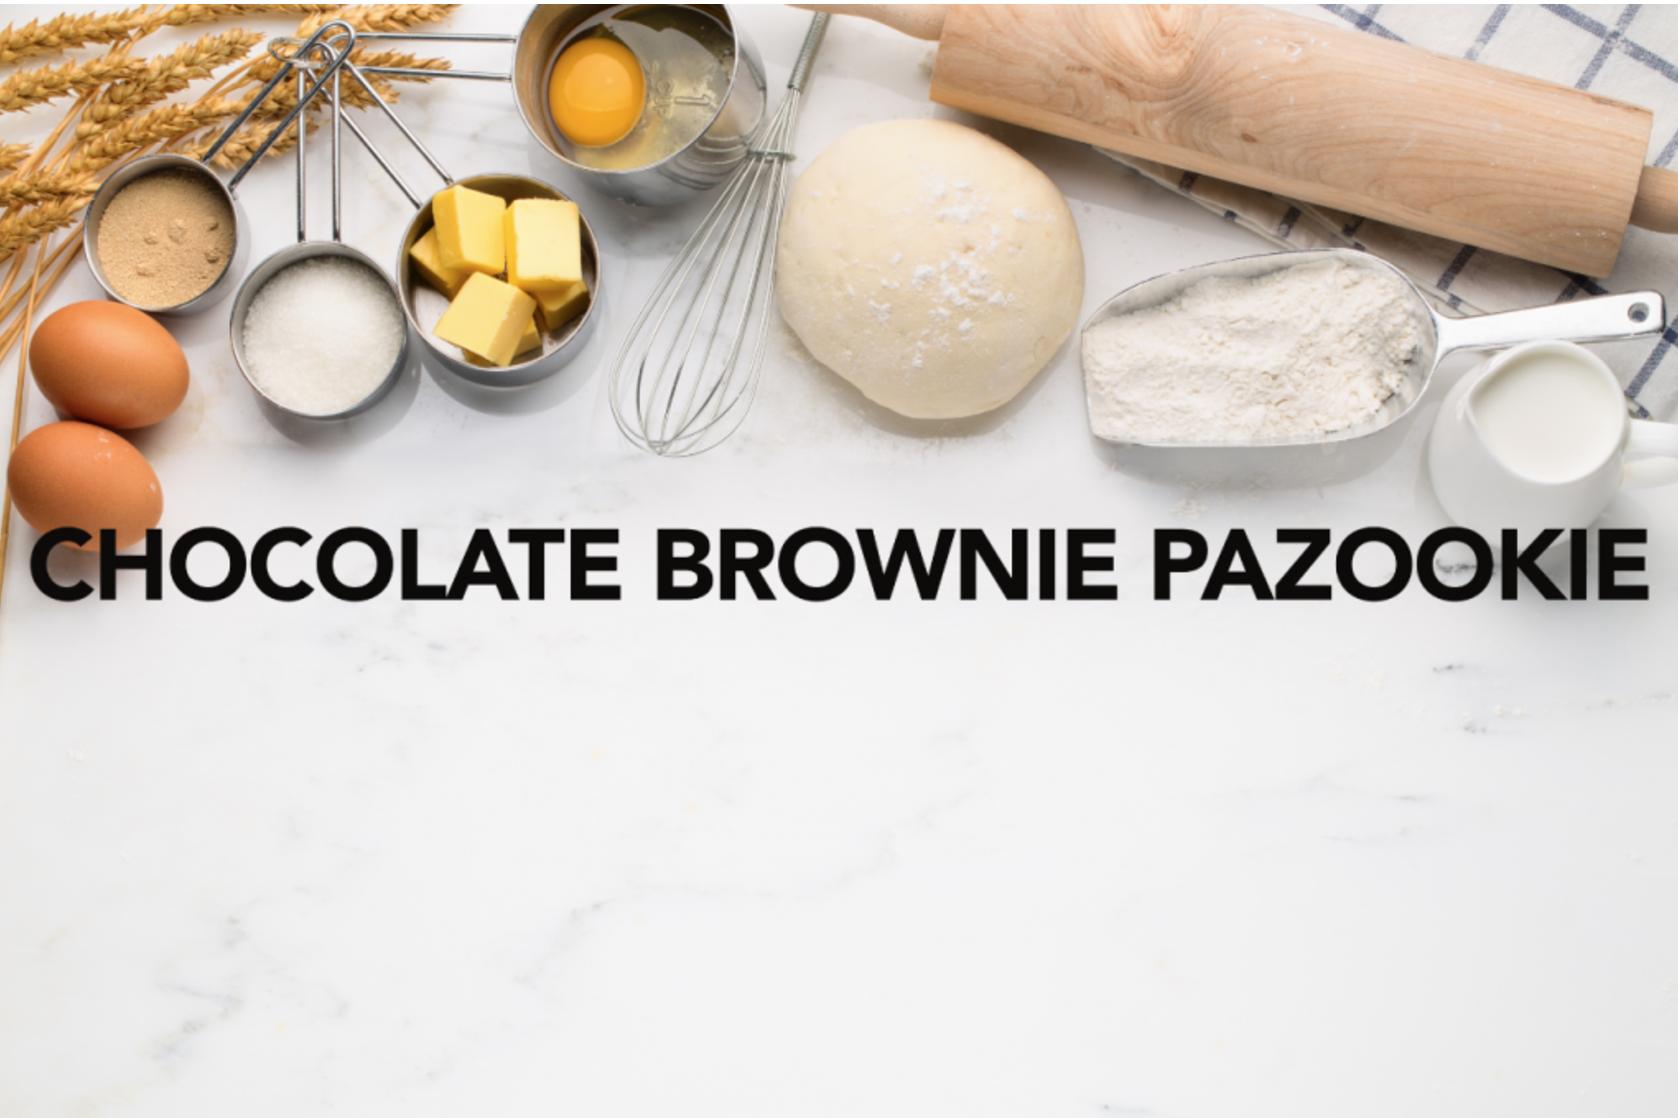 Chocolate Brownie Pazookie